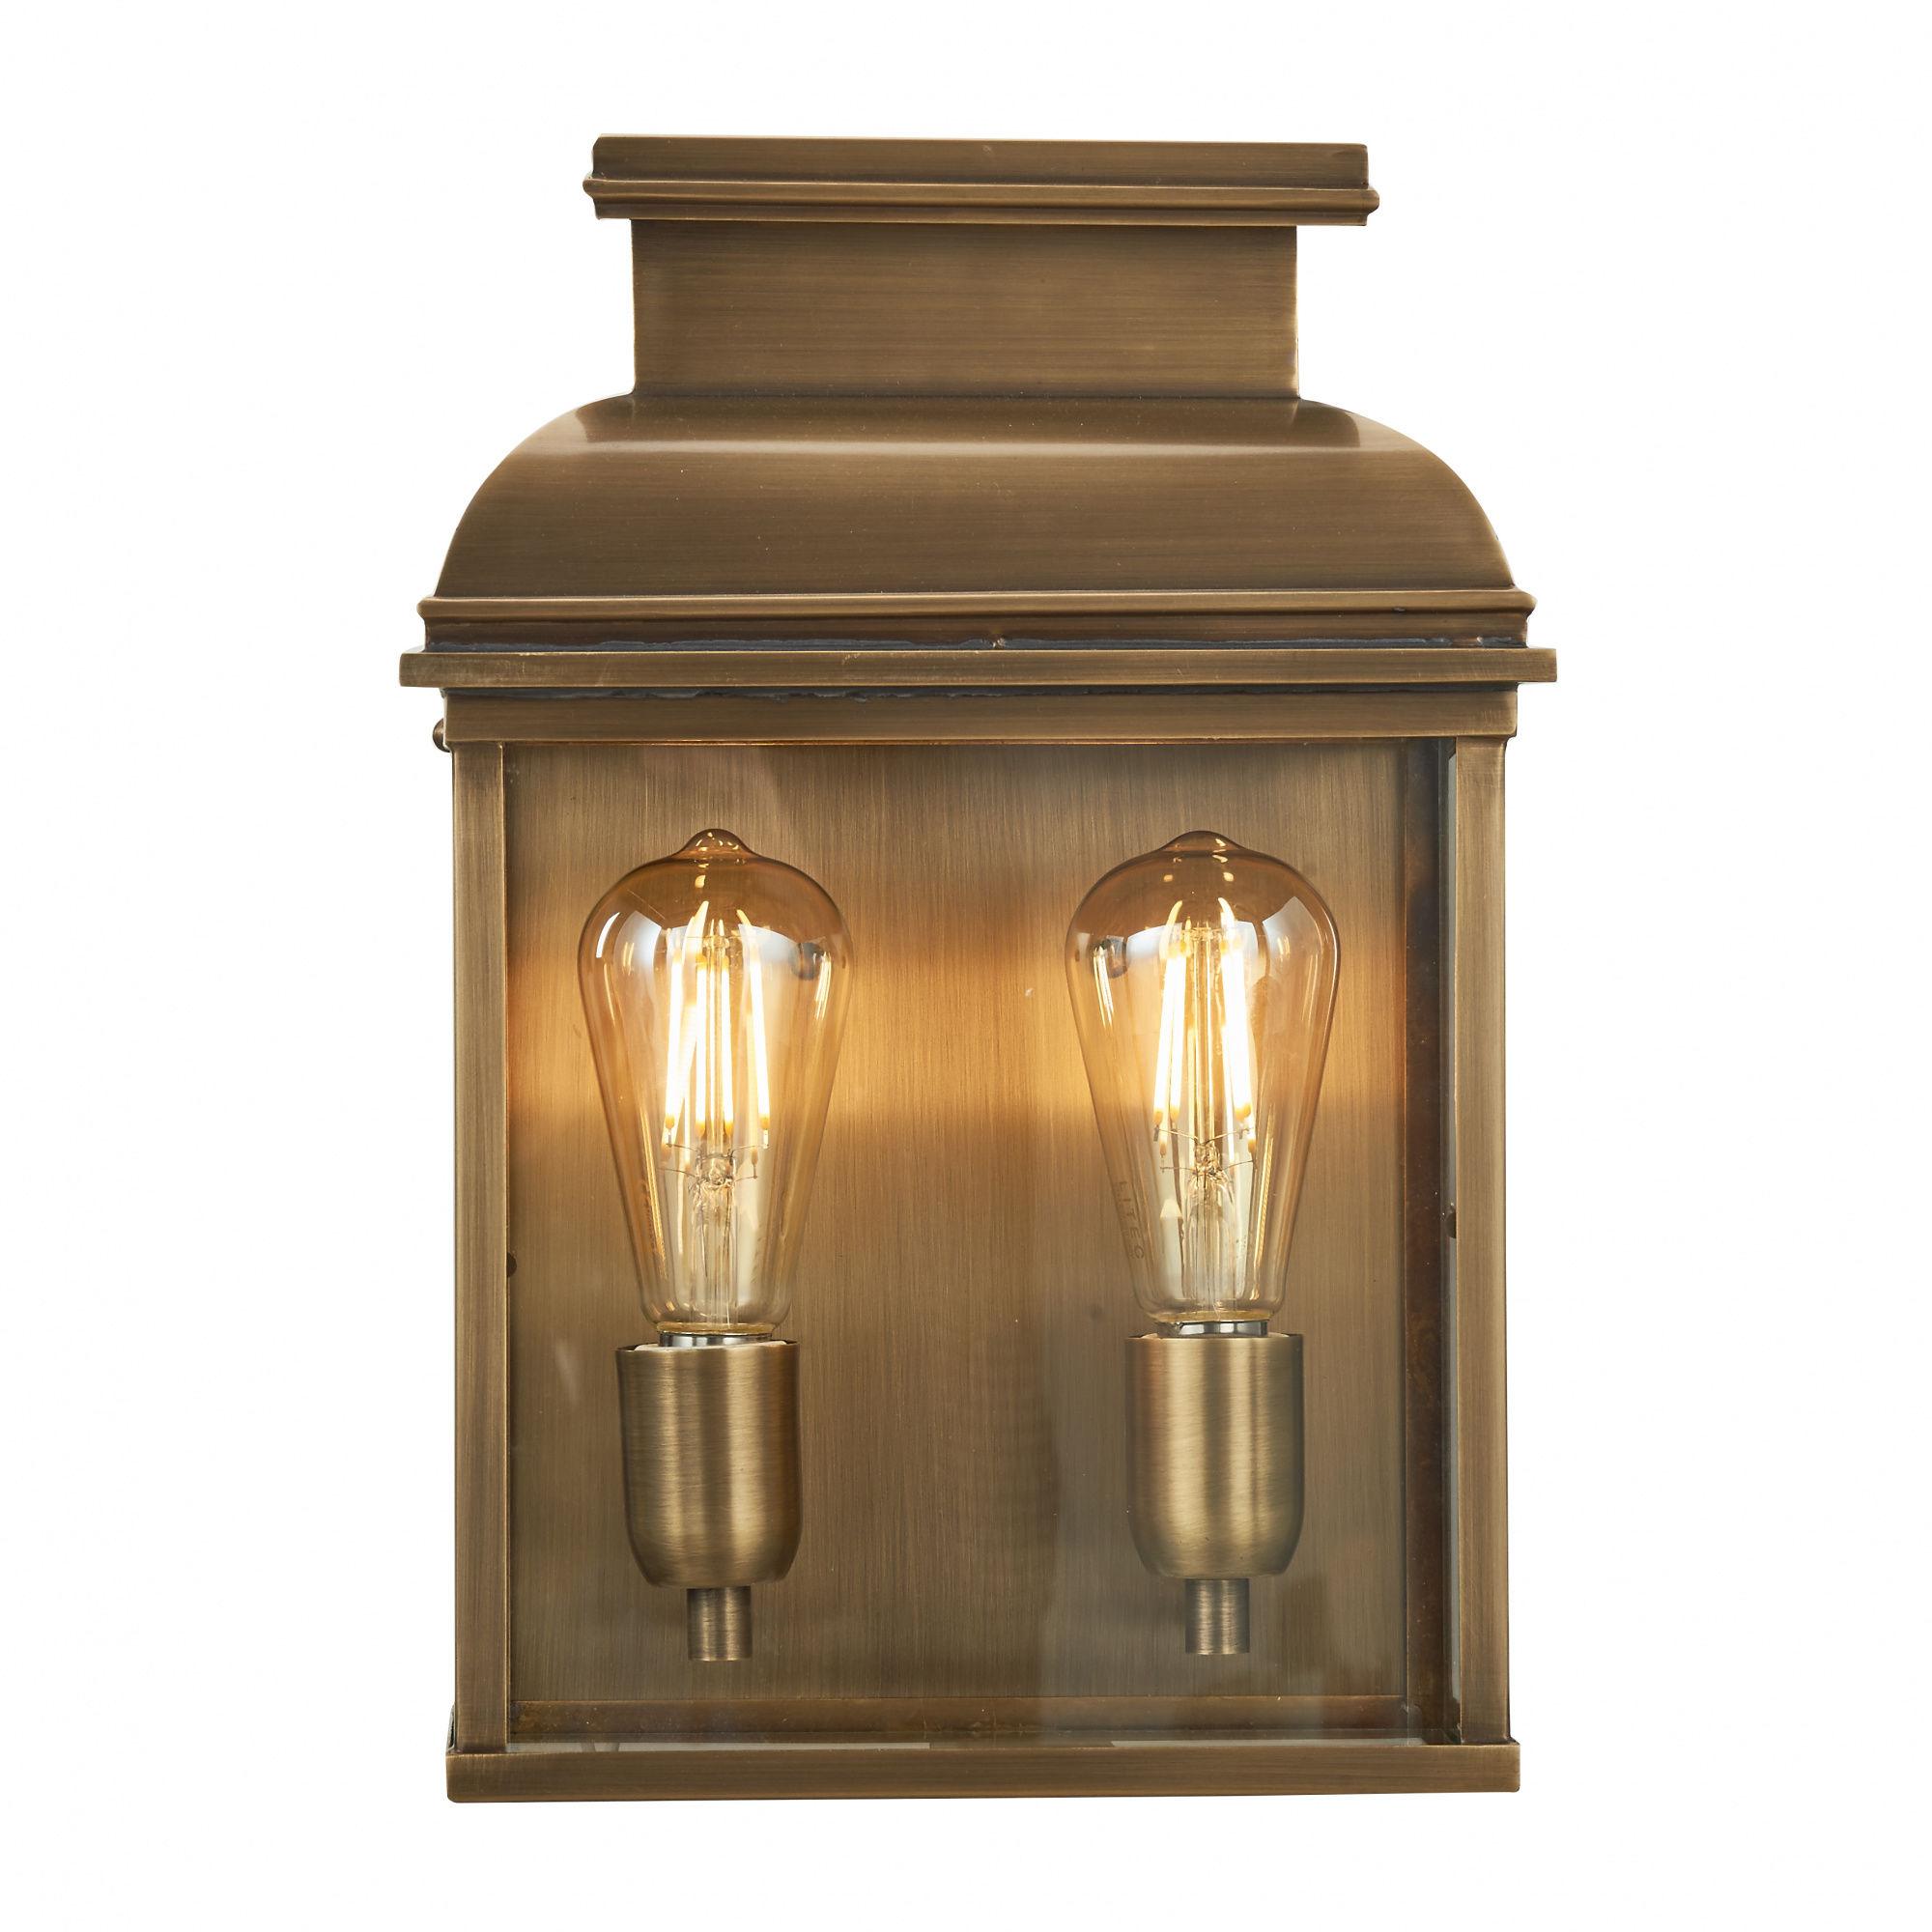 Kinkiet zewnętrzny Old Bailey L BR Elstead Lighting mosiężna oprawa w klasycznym stylu